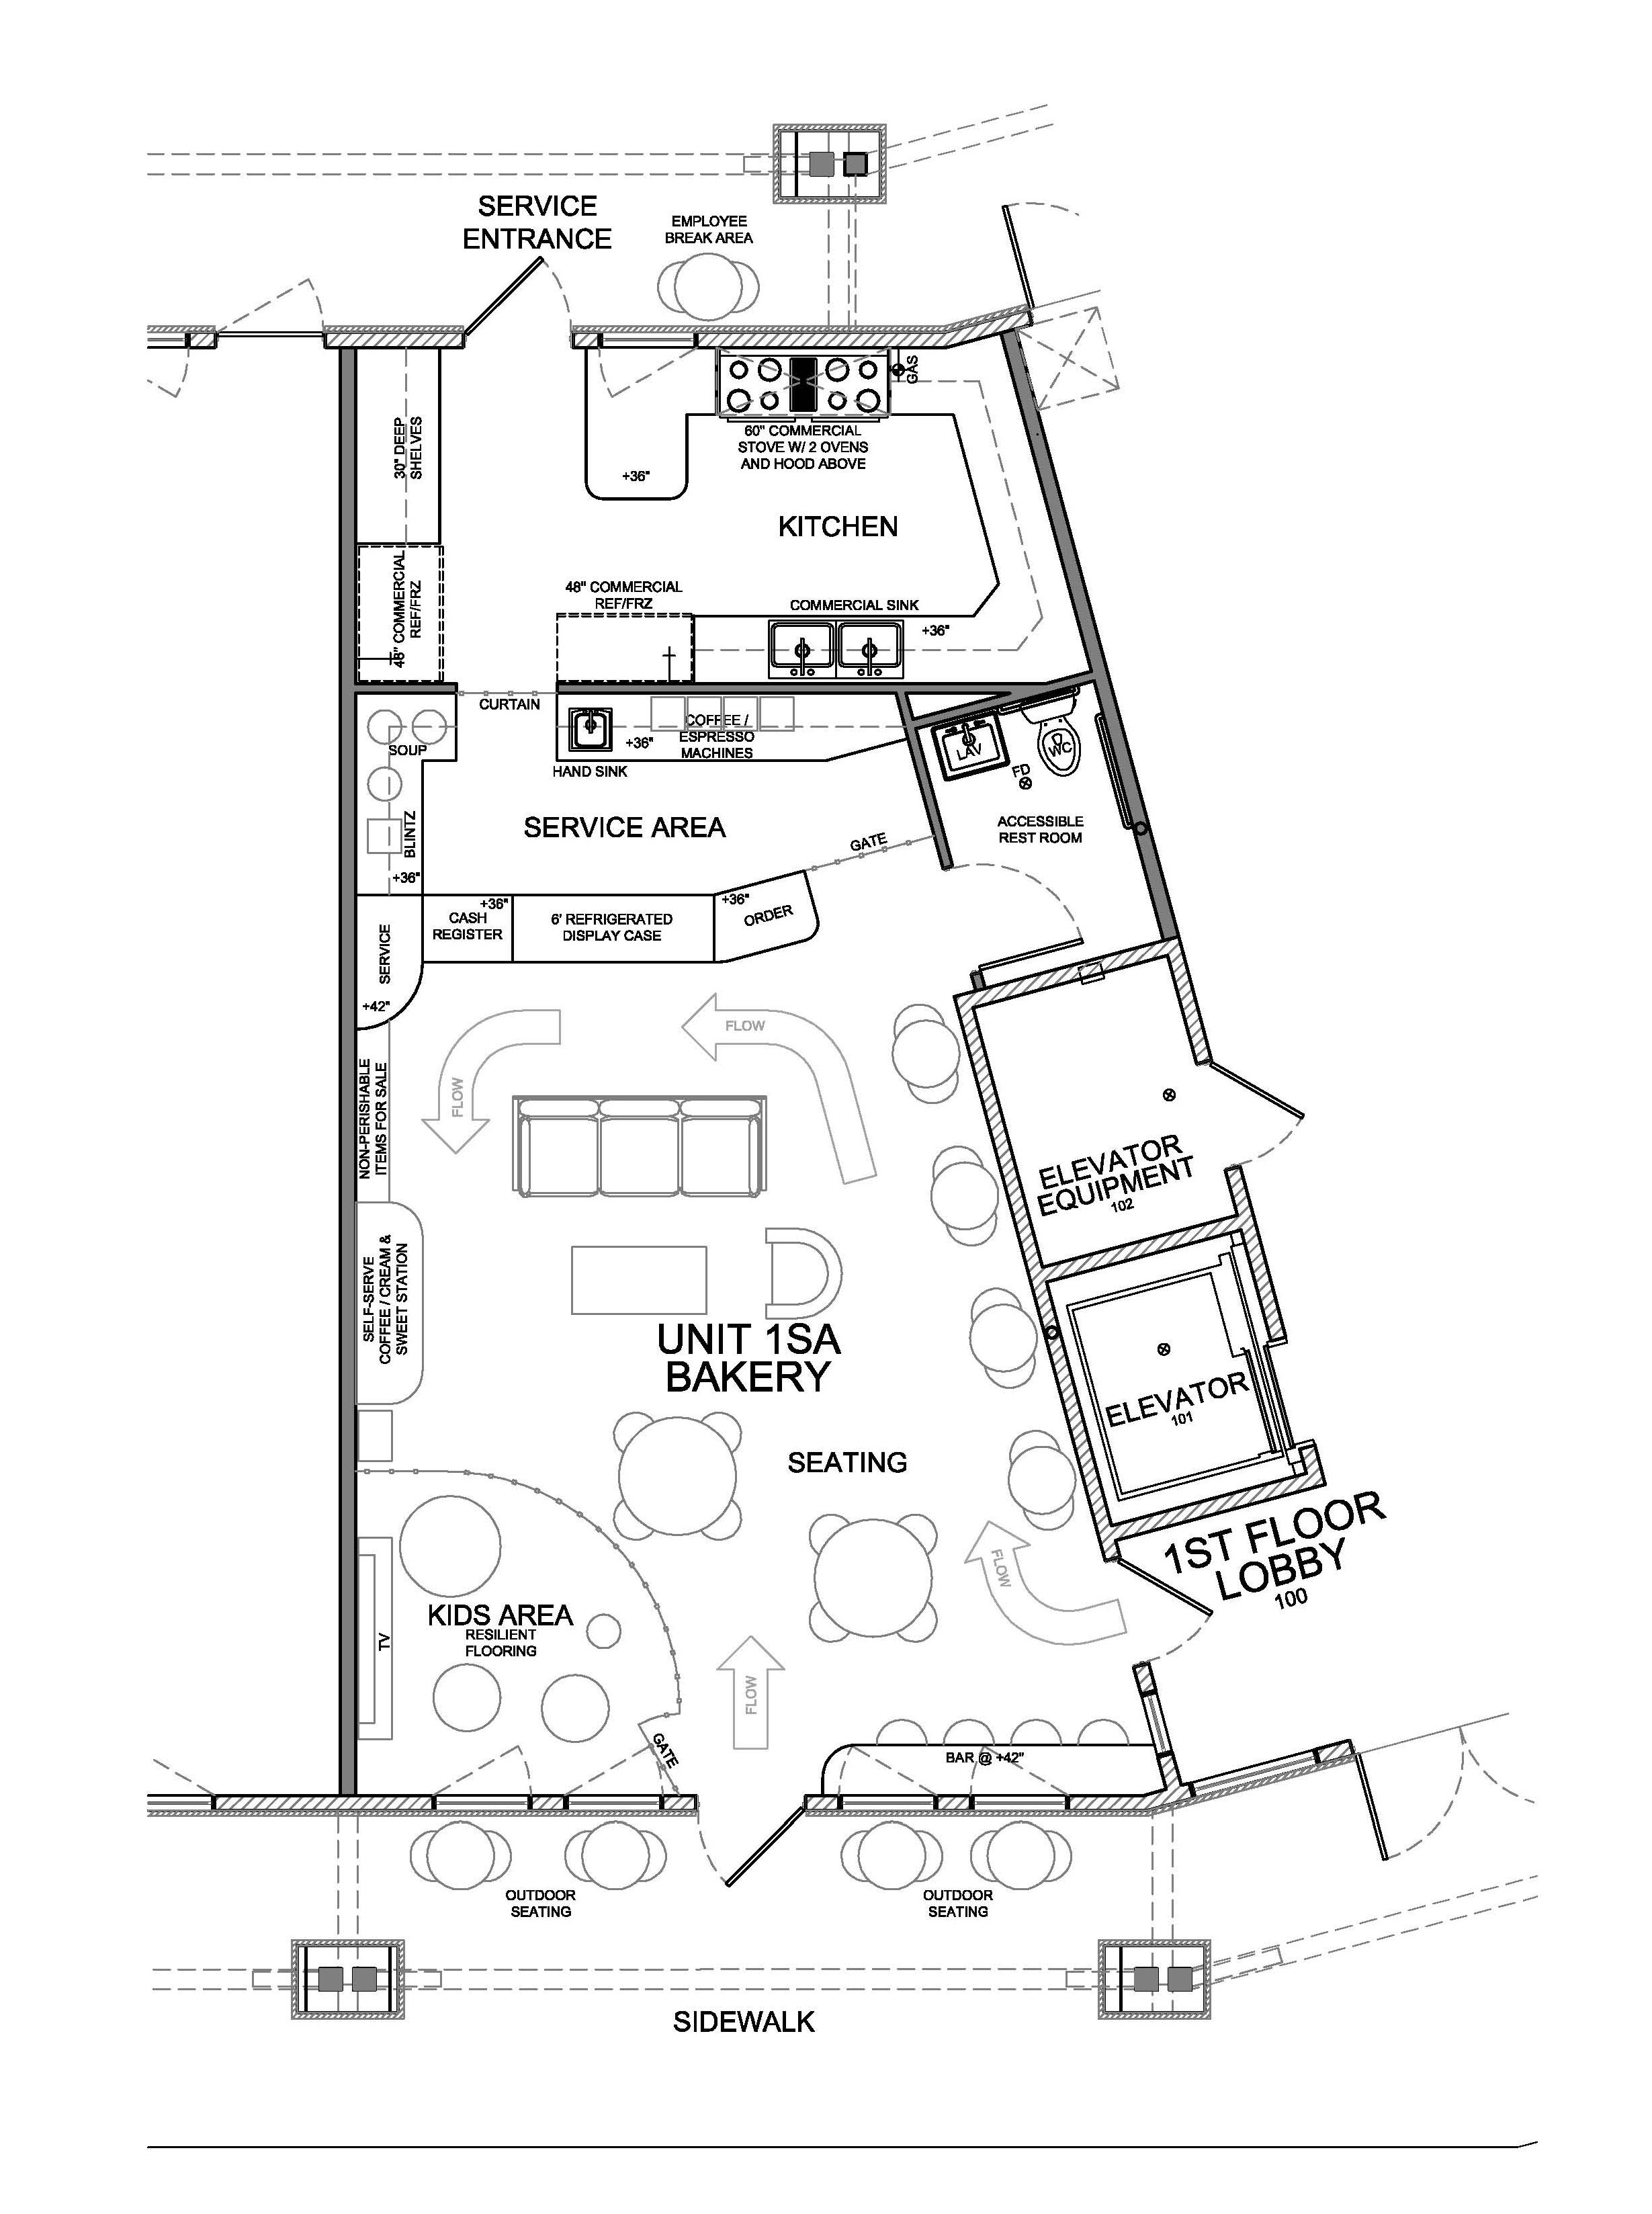 New Floor Plan For Bakery Evstudio